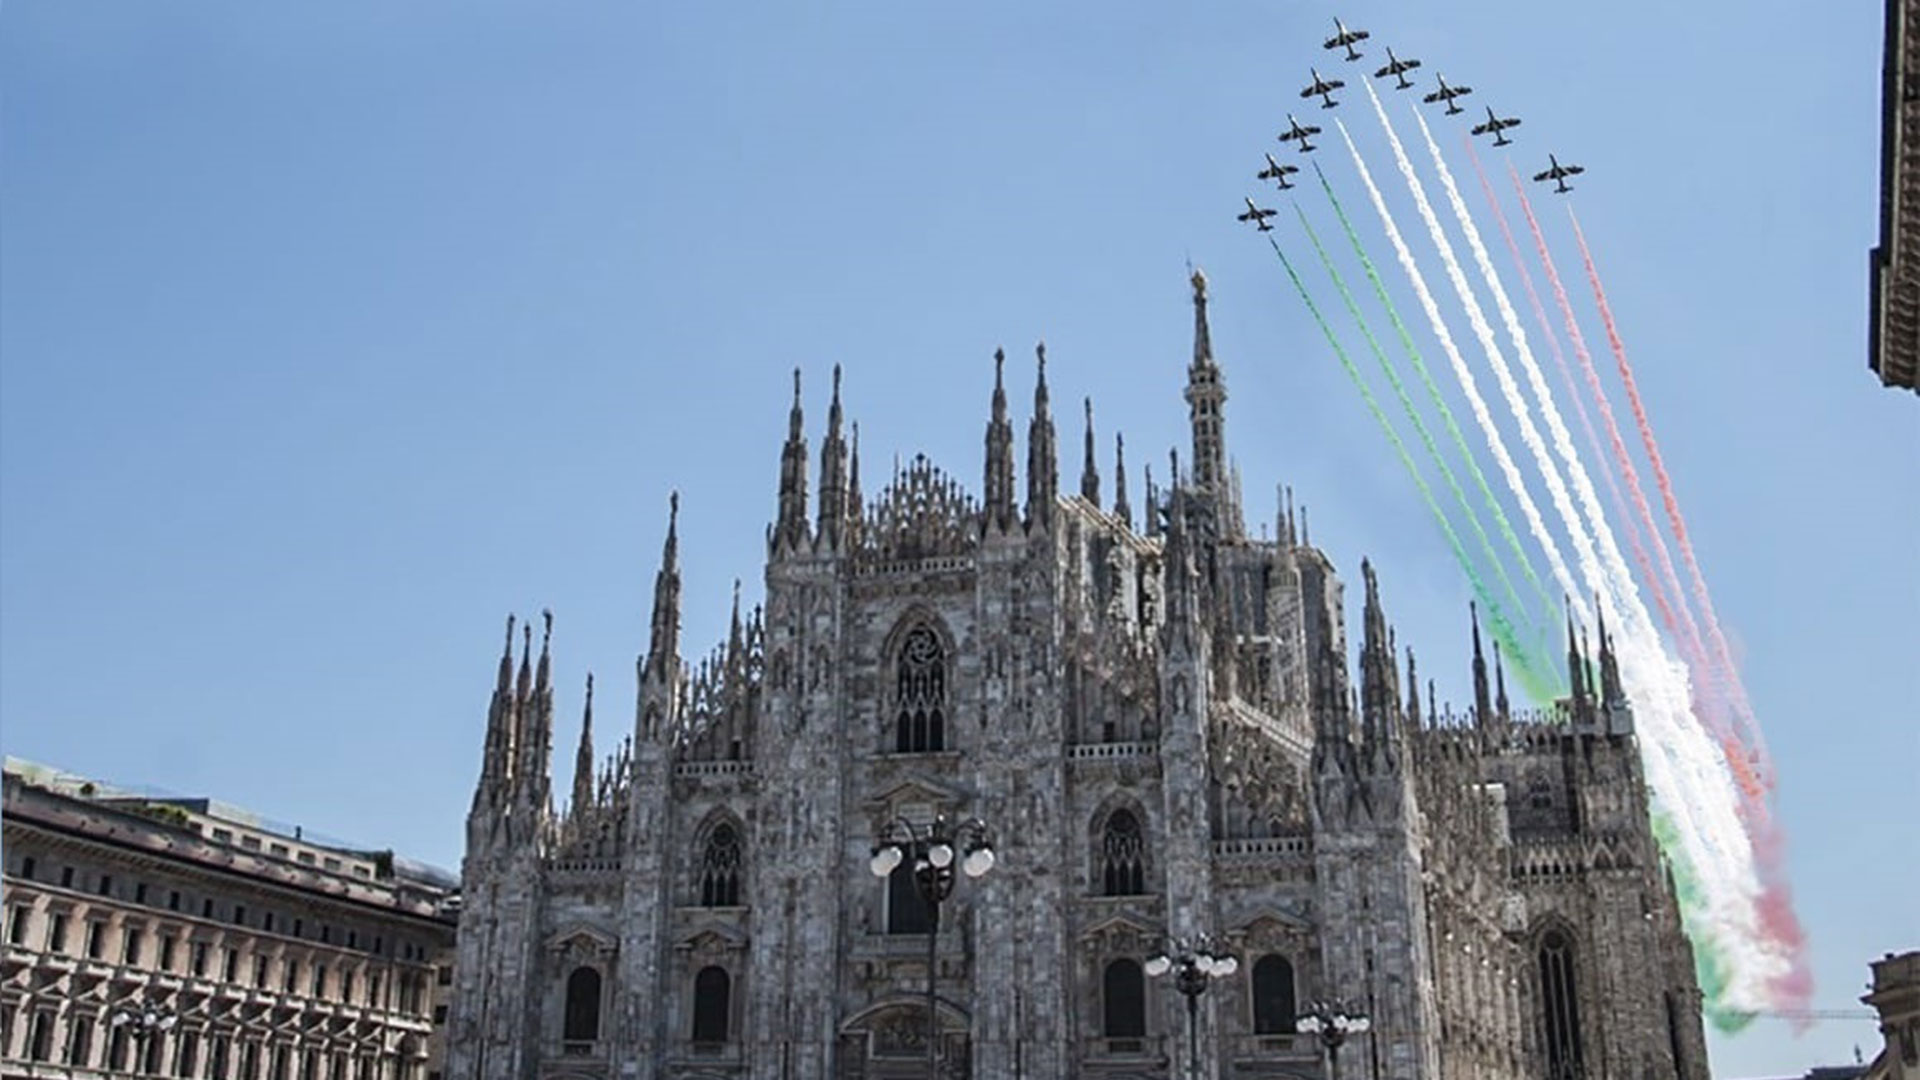 frecce-tricolori-60-anni-pan-pattuglia-acrobatica-nazionale-aeronautica-militare-(8)